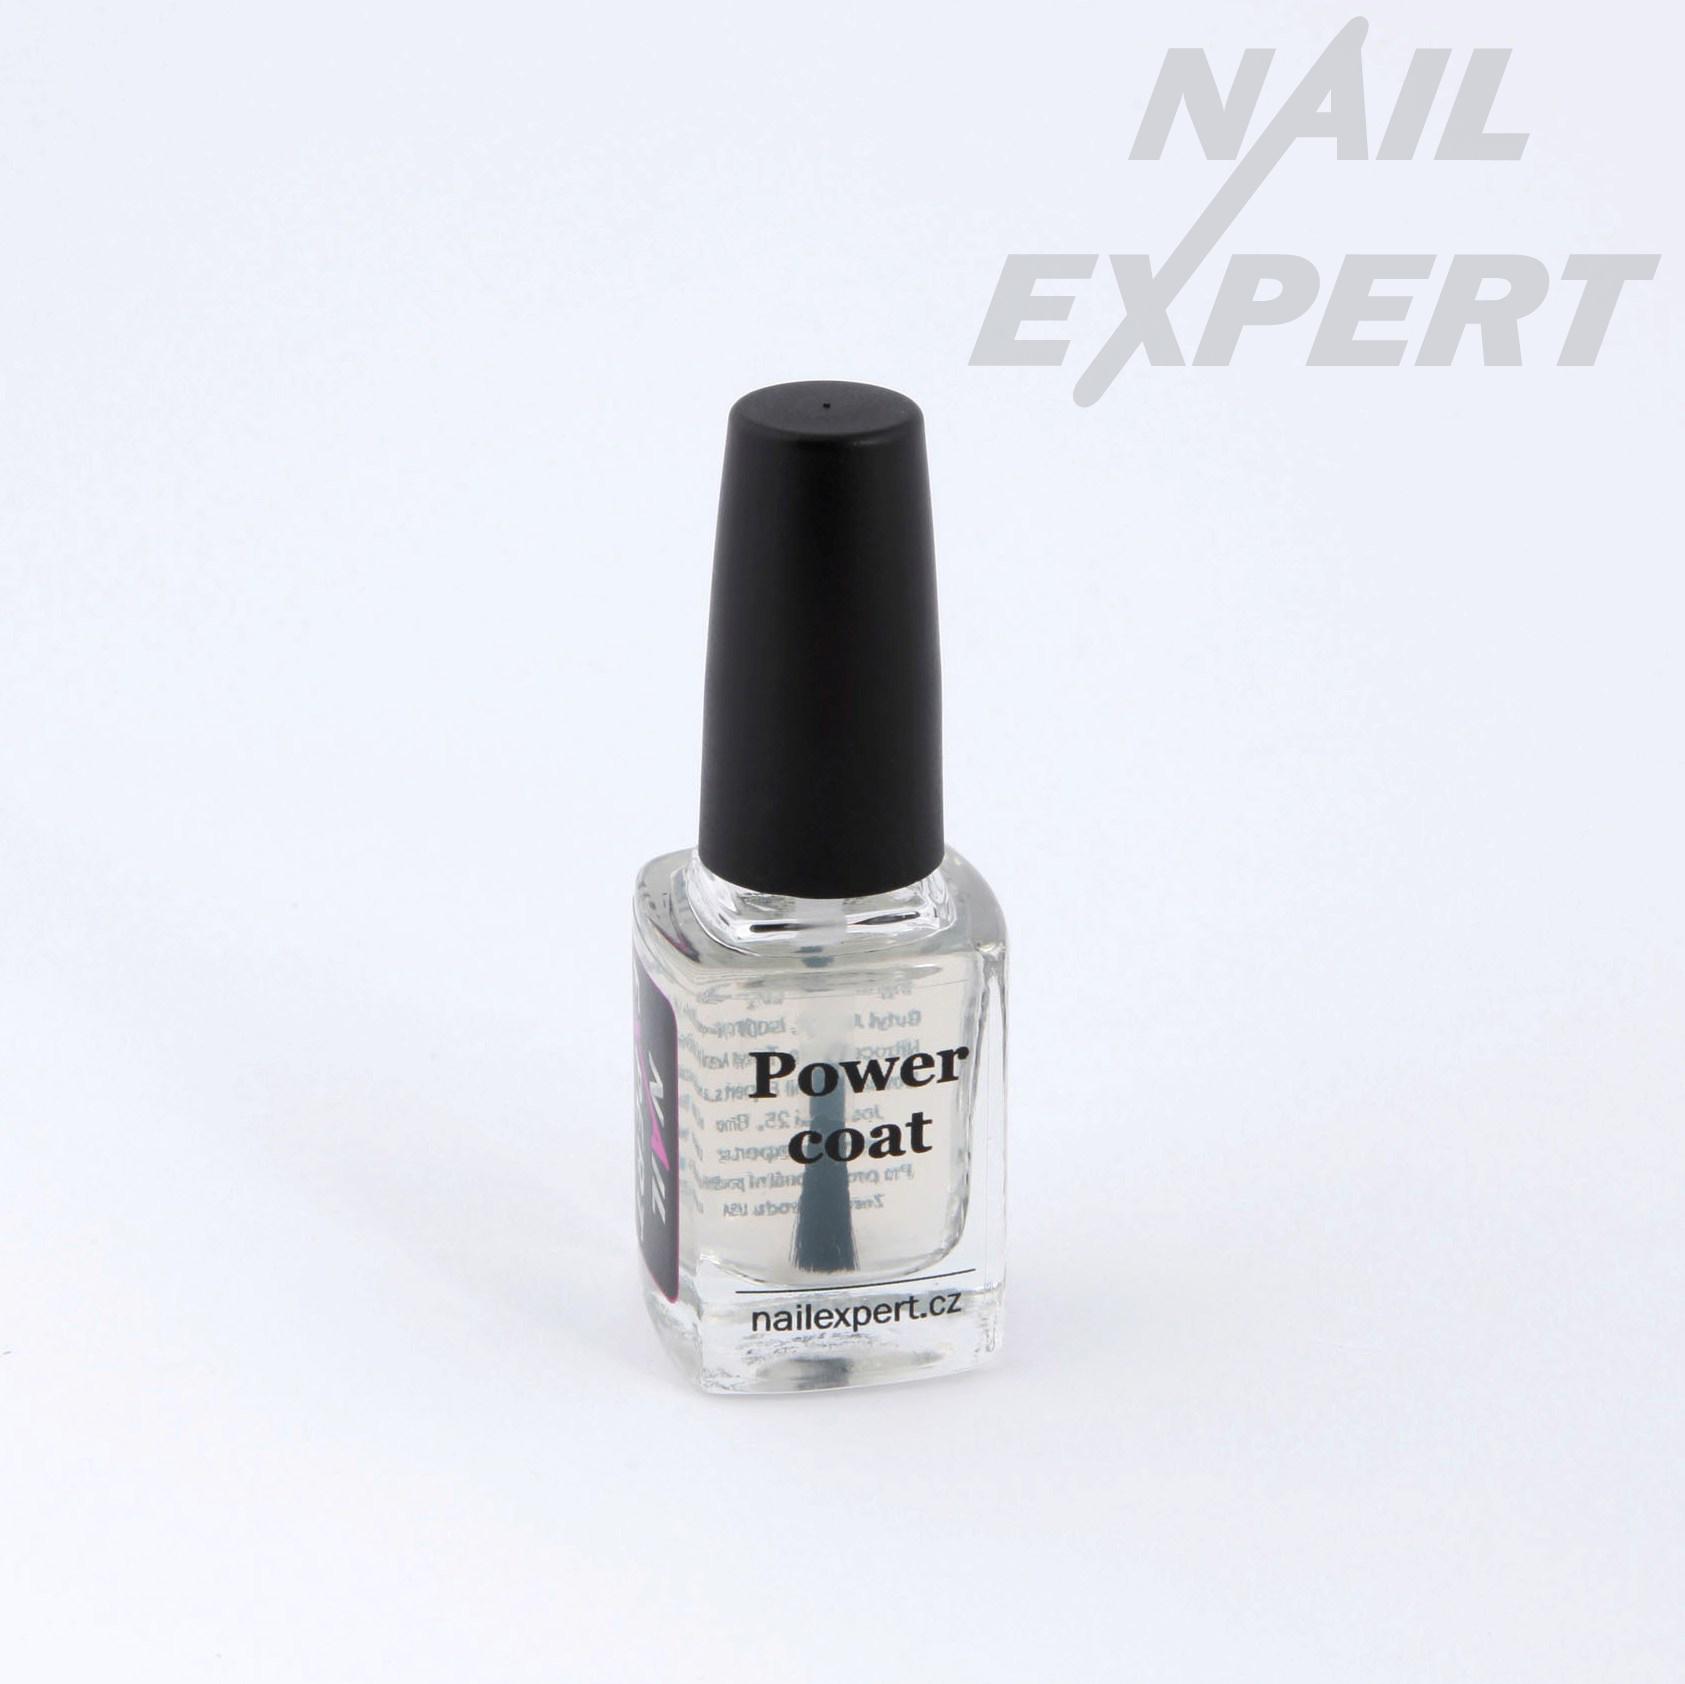 Nail Expert Power coat 12ks